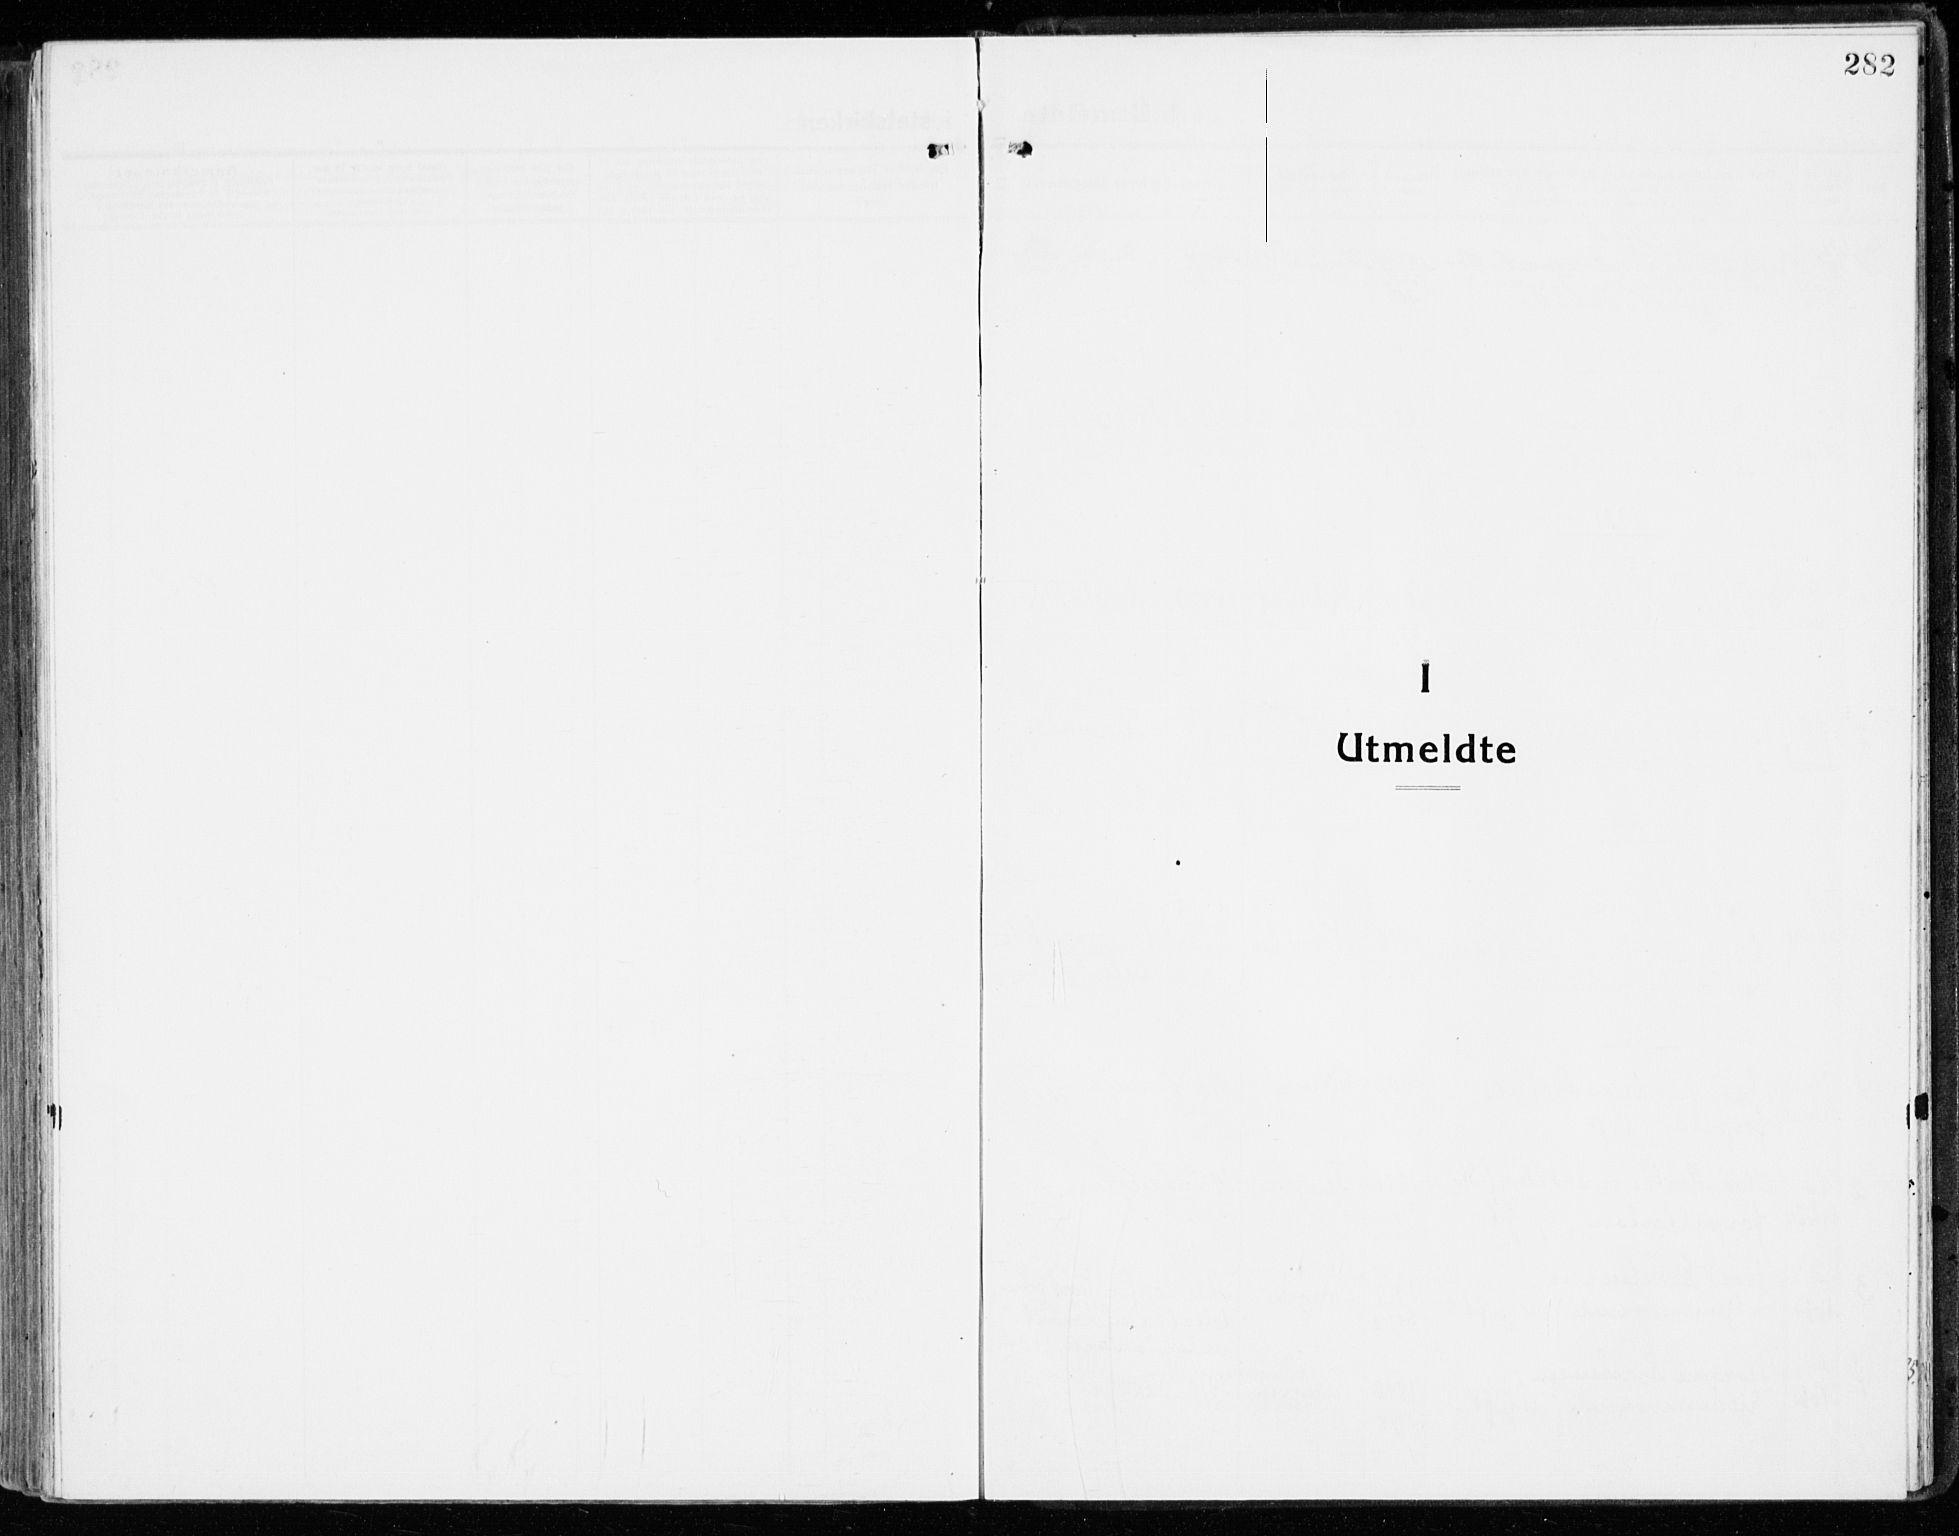 SAH, Stange prestekontor, K/L0025: Parish register (official) no. 25, 1921-1945, p. 282